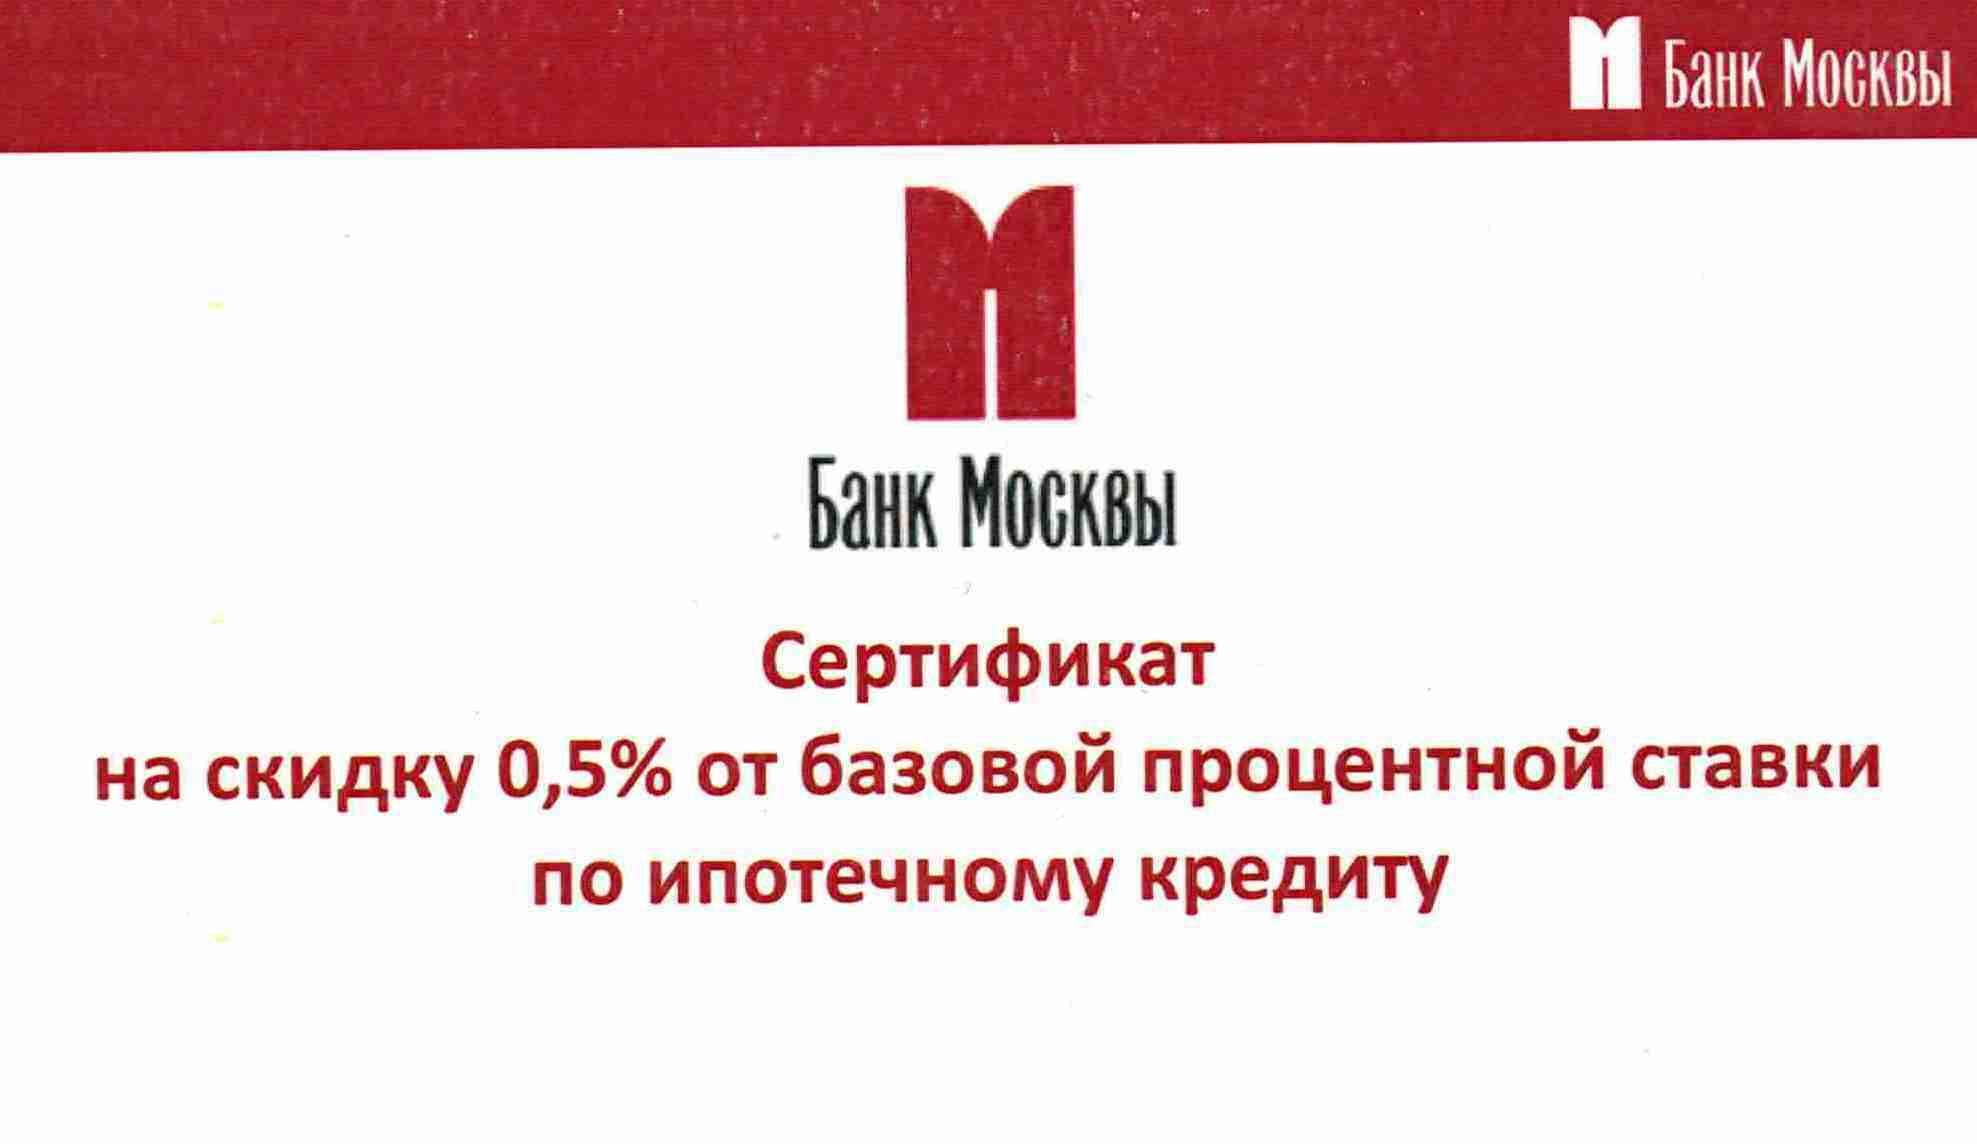 Банк москвы ru 3 фотография